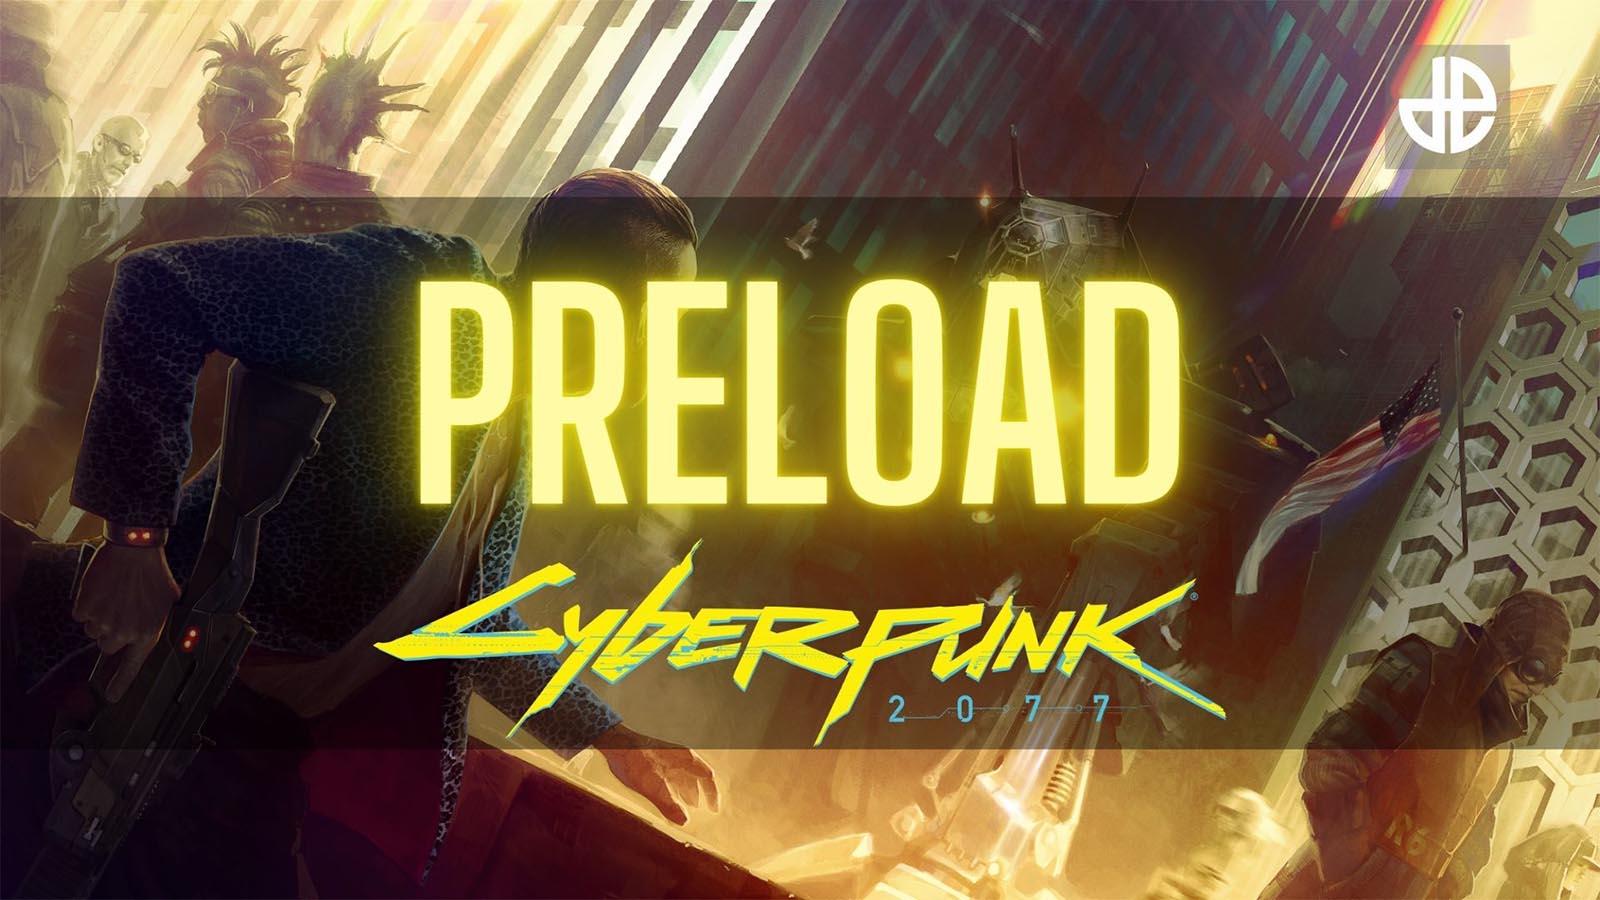 Cyberpunk 2077 preload guide